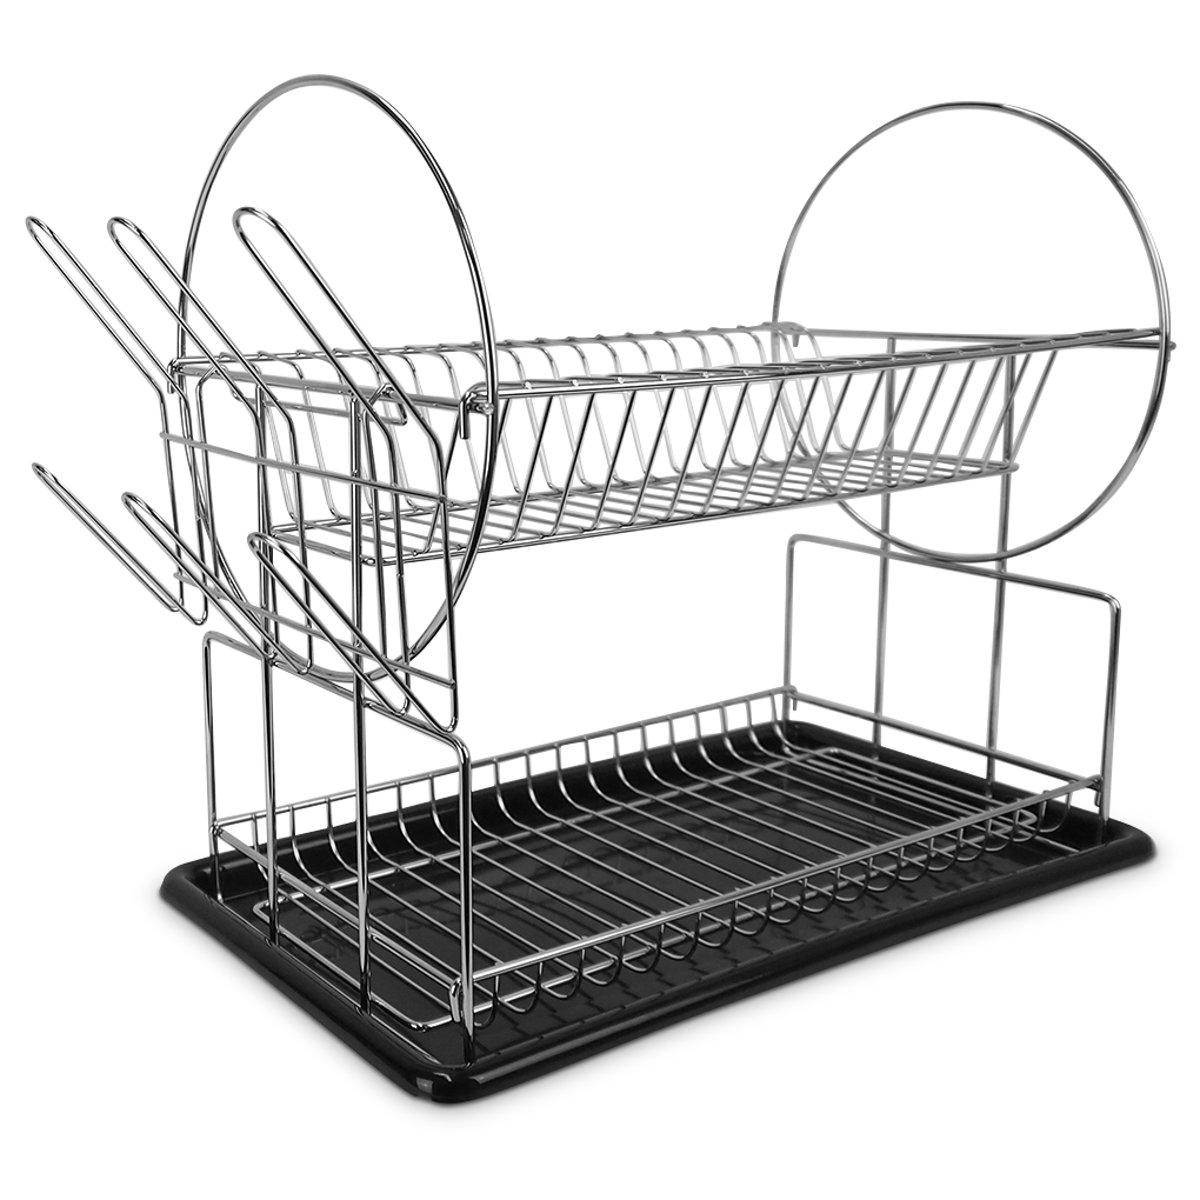 Vannons - Afdruiprek RVS - Afwasrek met onderzetter - Staal kopen